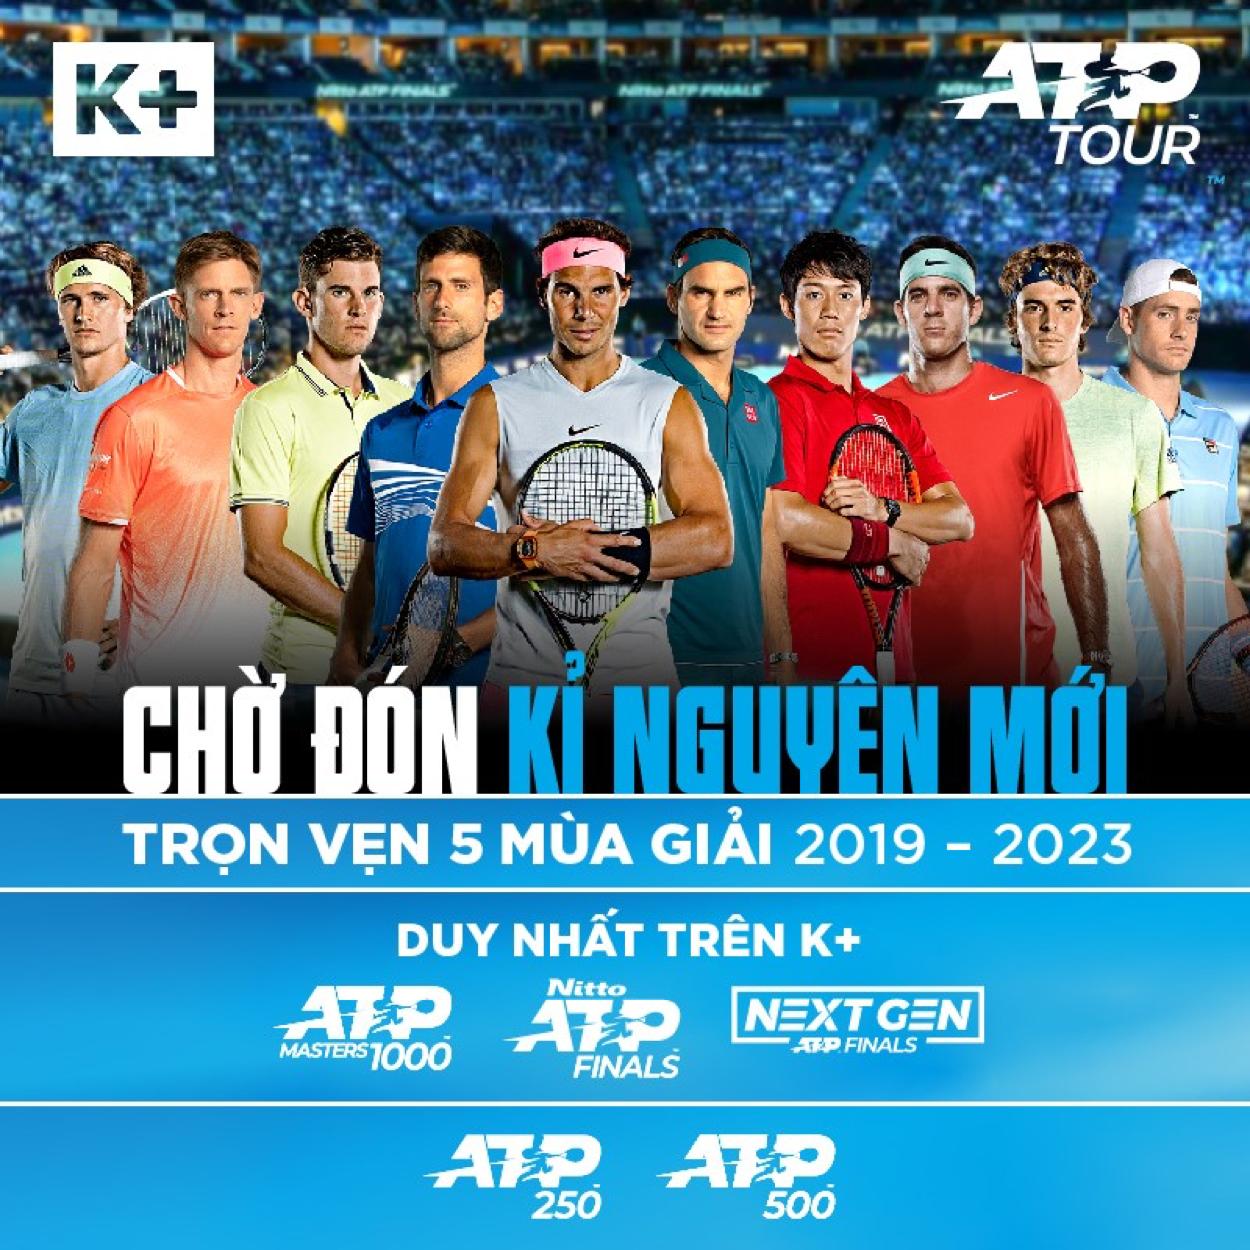 K+ sở hữu bản quyền ATP World Tour 2019 - 2023